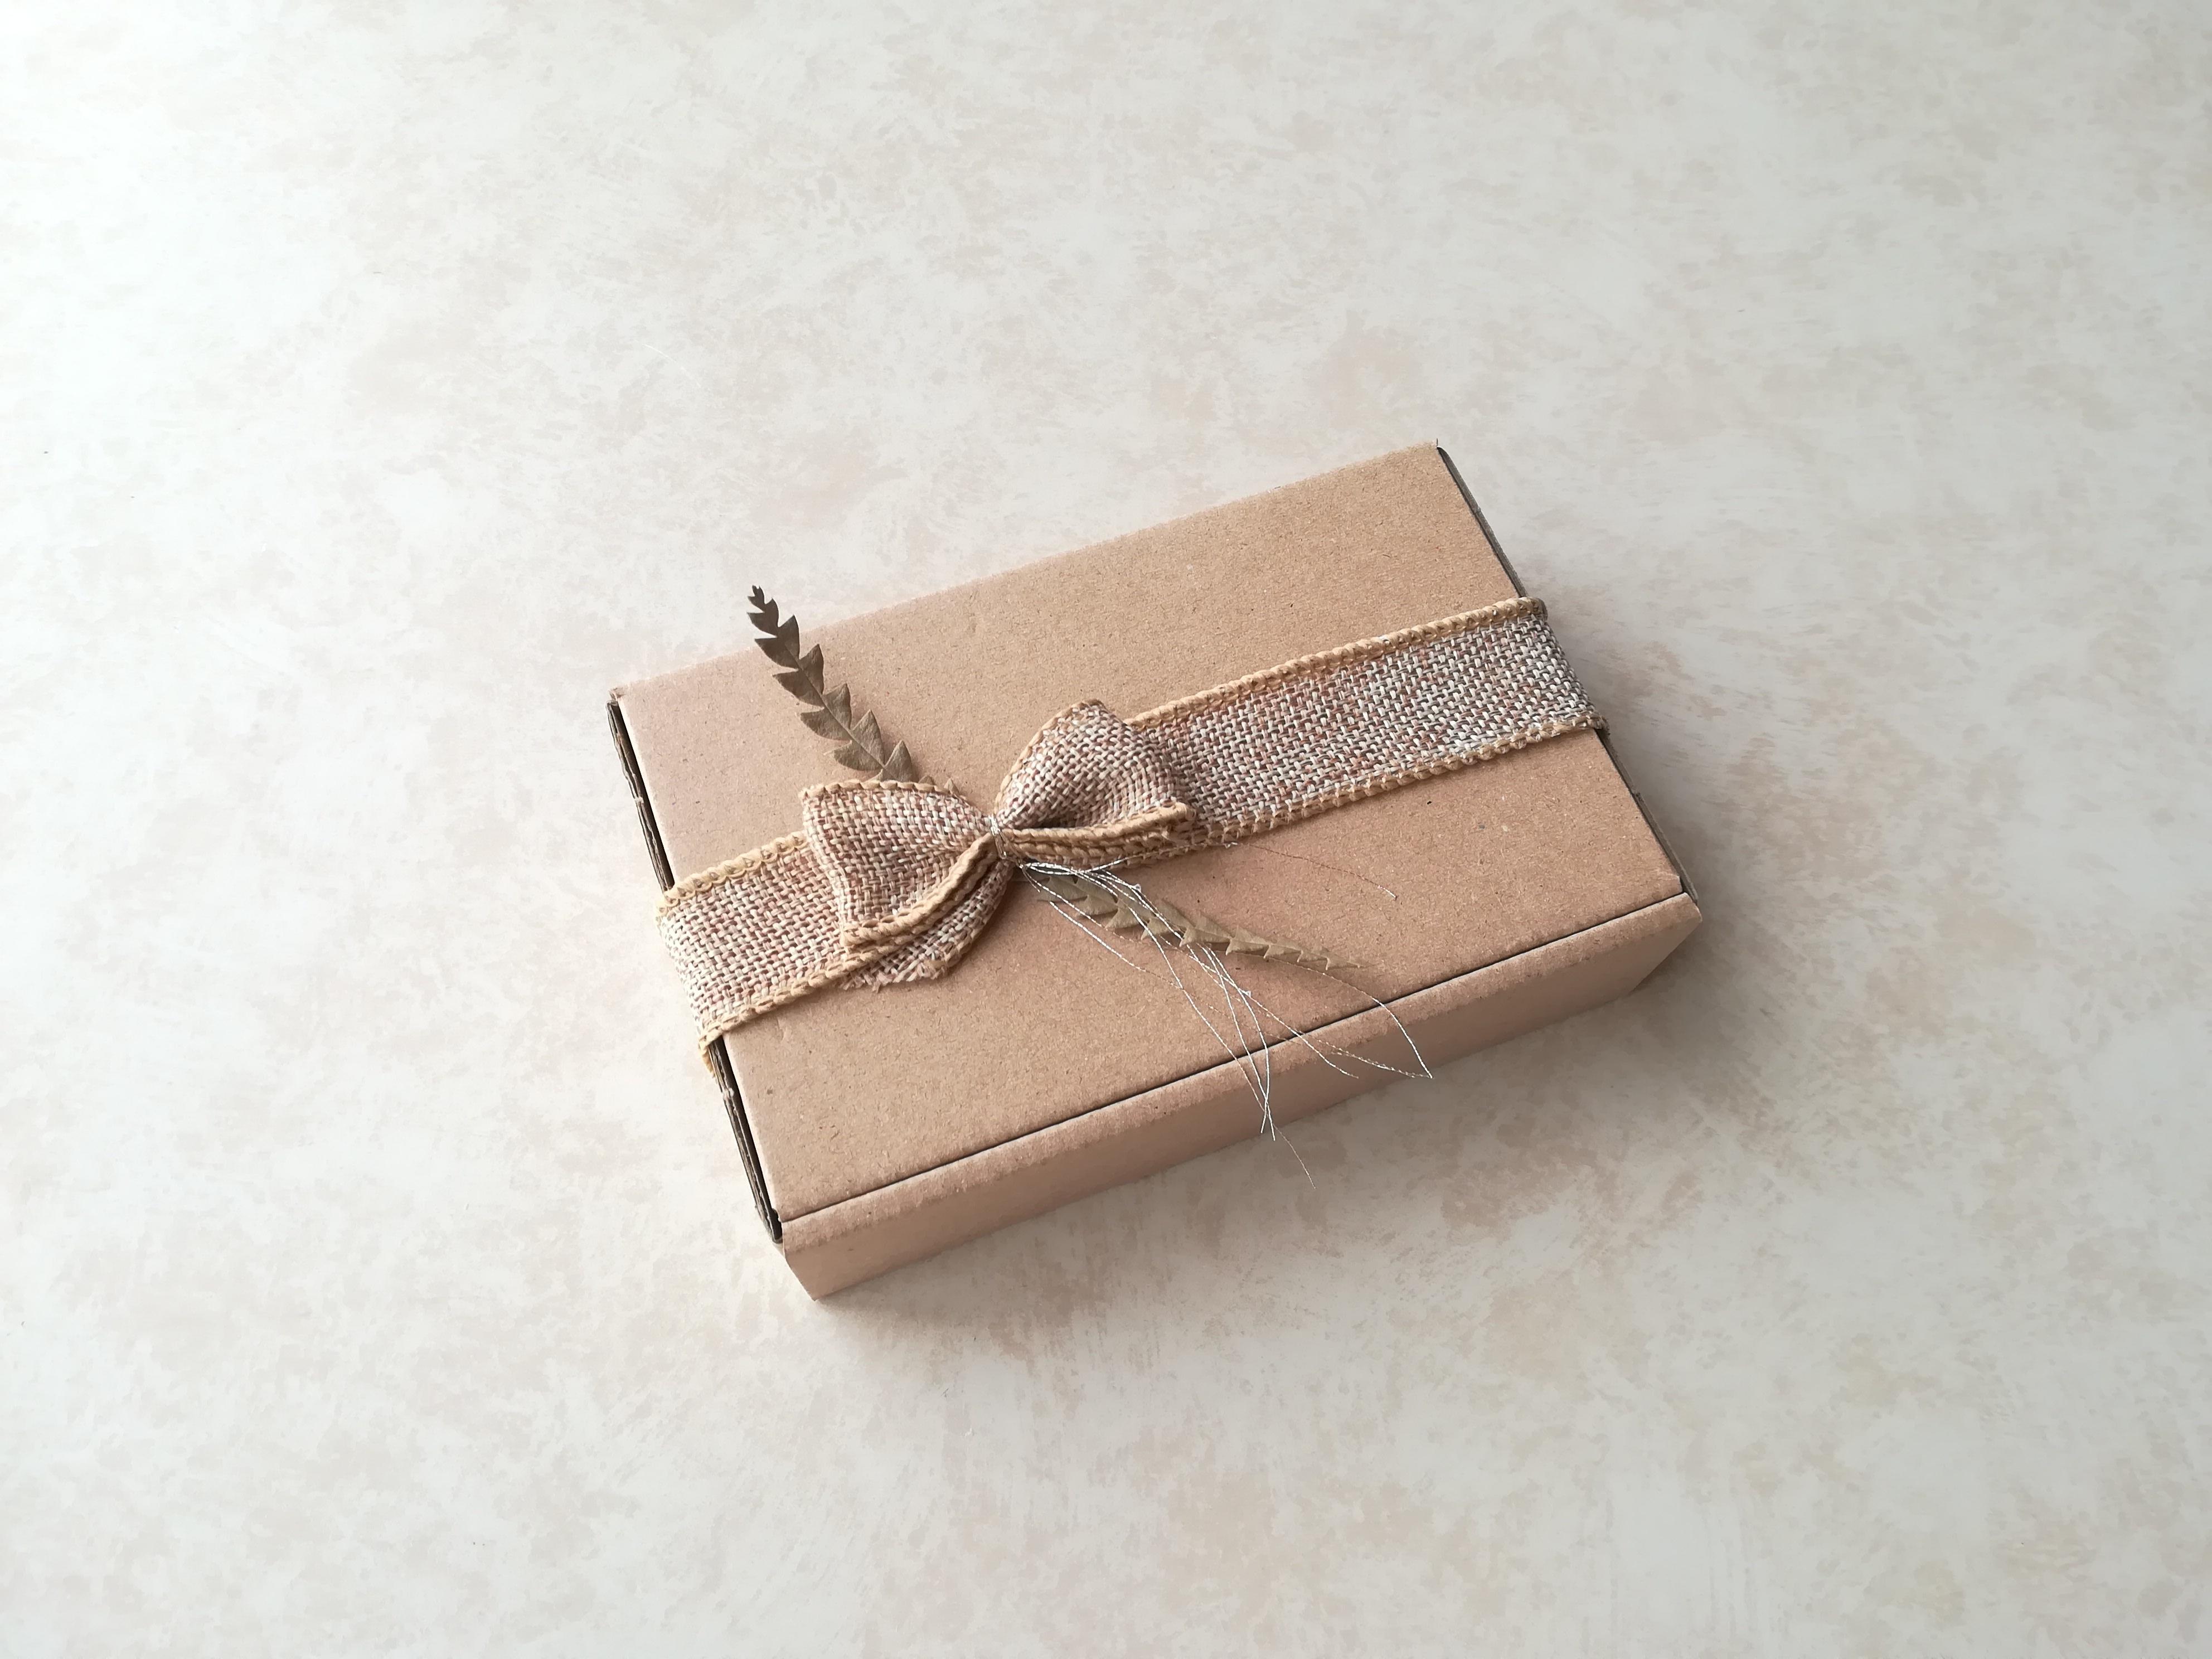 クラフトBOX+麻リボン+ドライリーフのシンプルなパッケージでお届けします♡